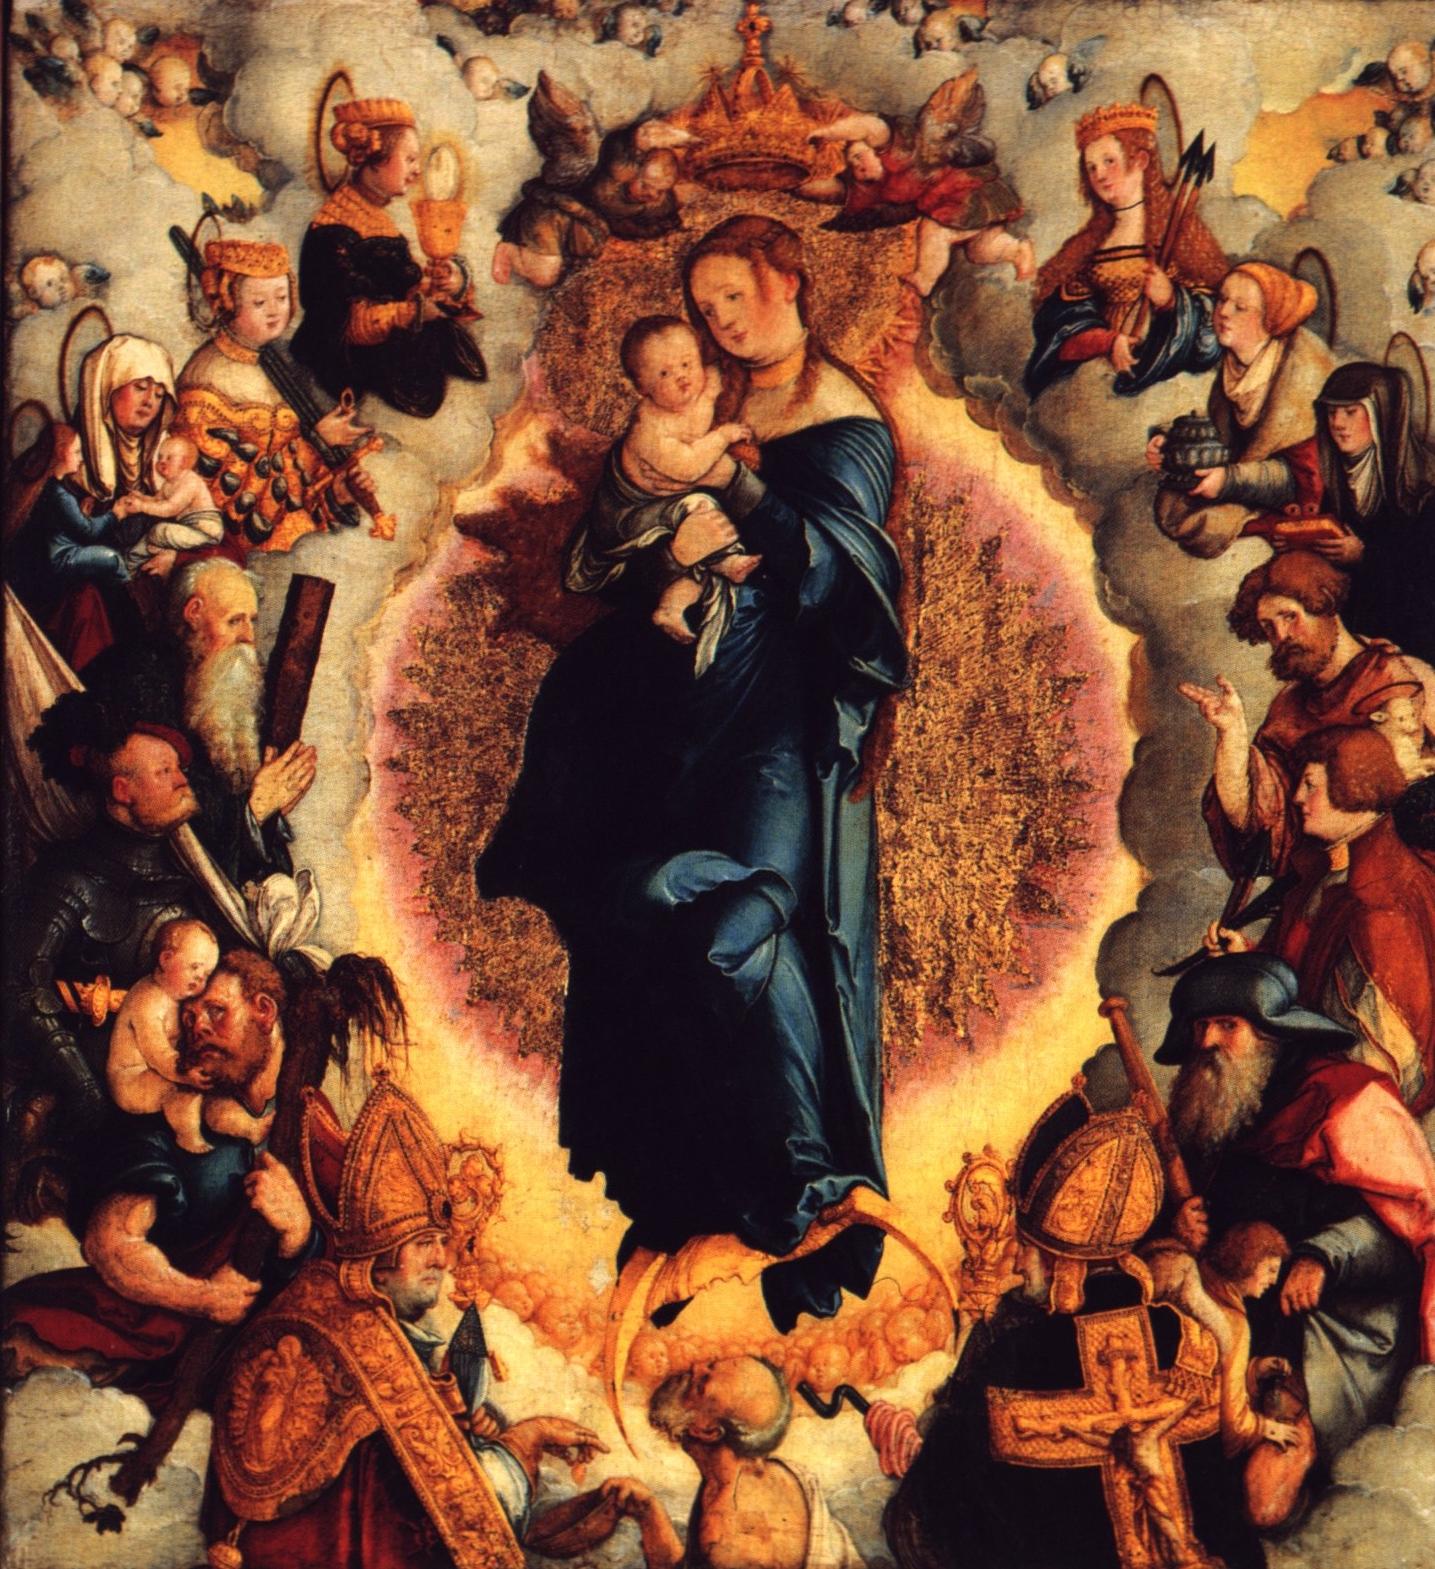 Resultado de imagen para la virgen santisima y todos los santos